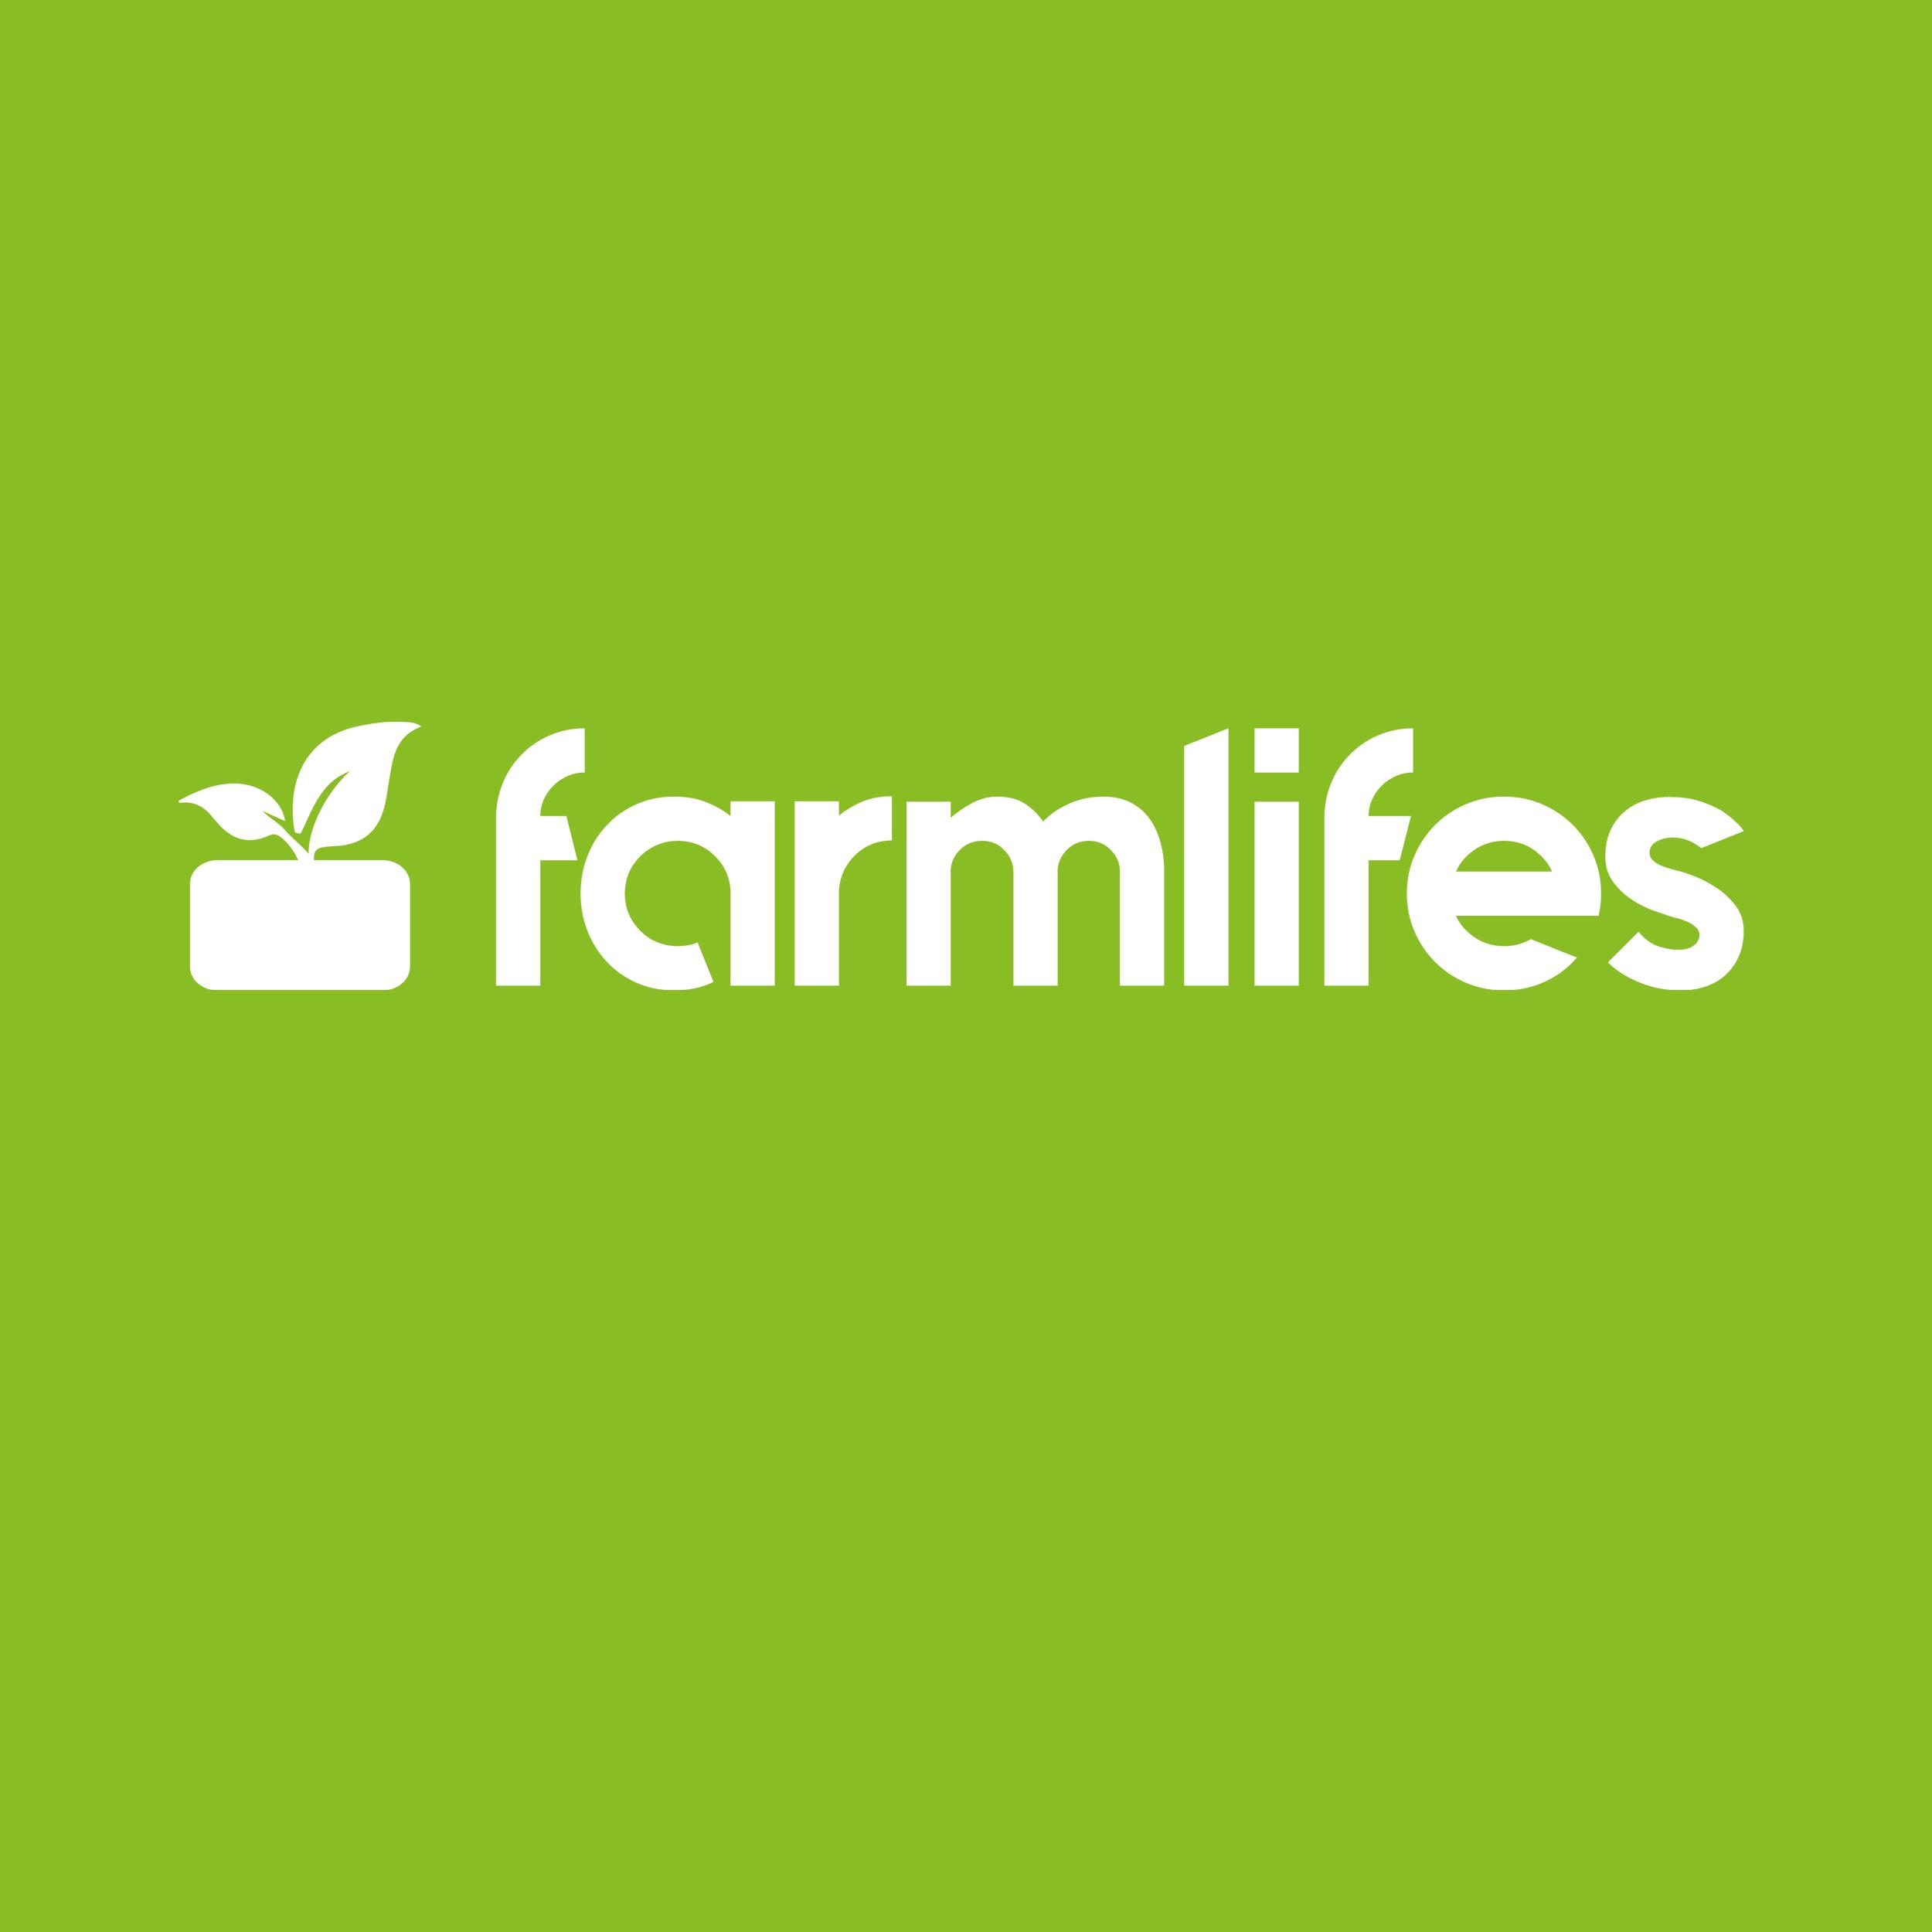 farmlifes - Das Netzwerk für die Landwirtschaft